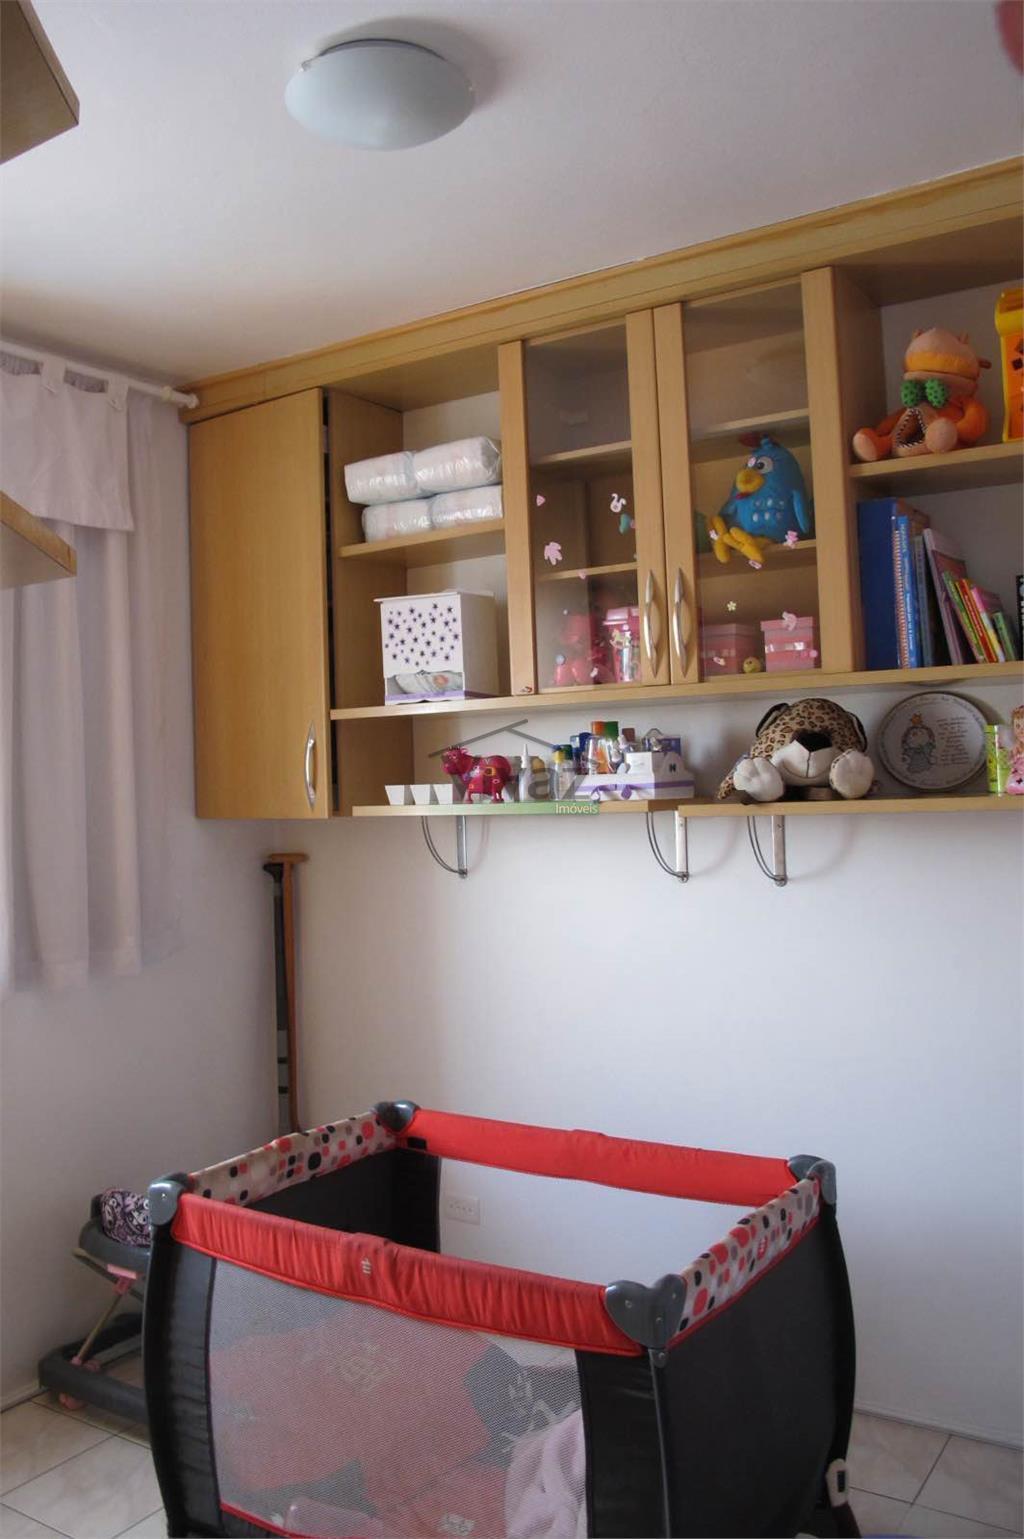 oportunidade !!! apartamento próximo do metrô tucuruvi, com 2 dorms com arms, sala, cozinha, banheiro, área...